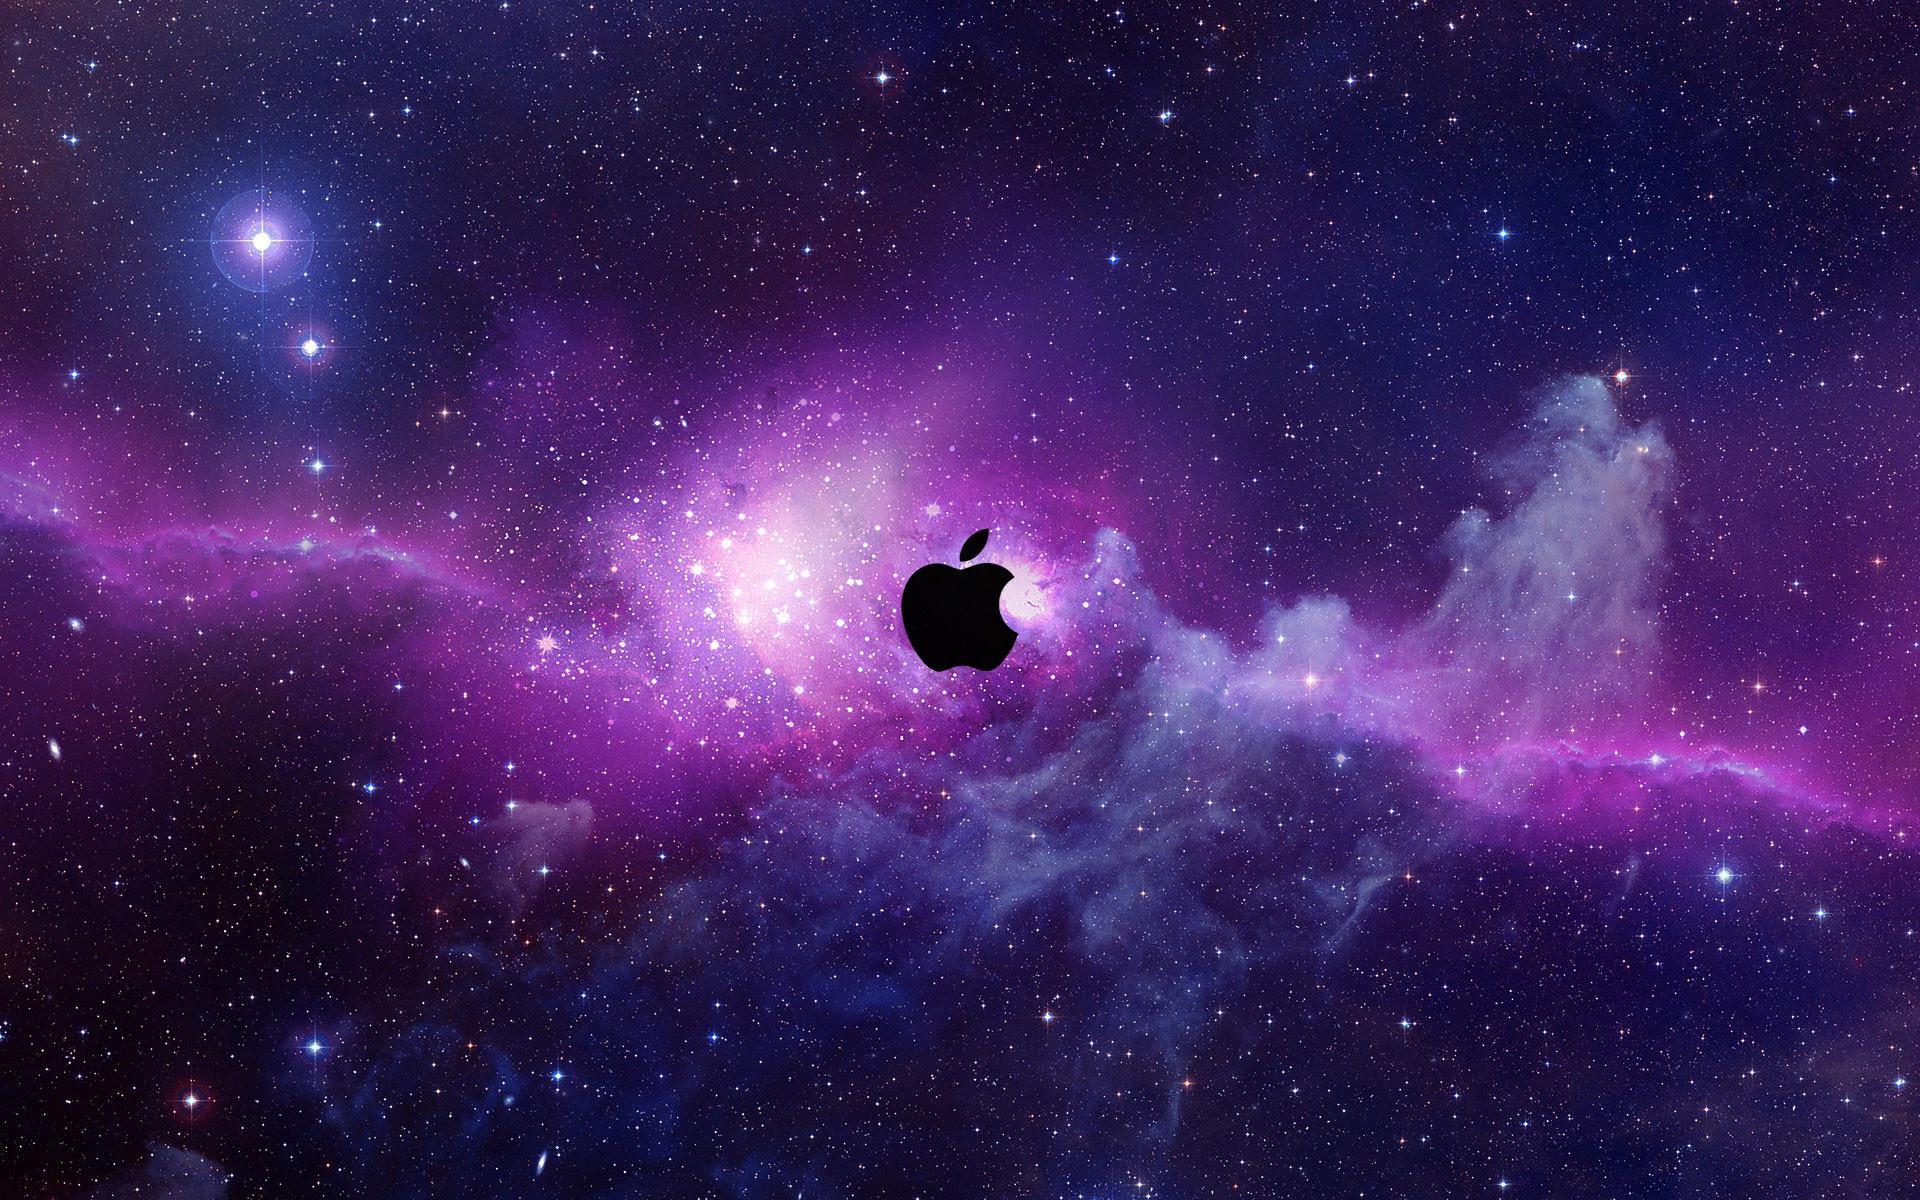 desktop background mac (65+ images)